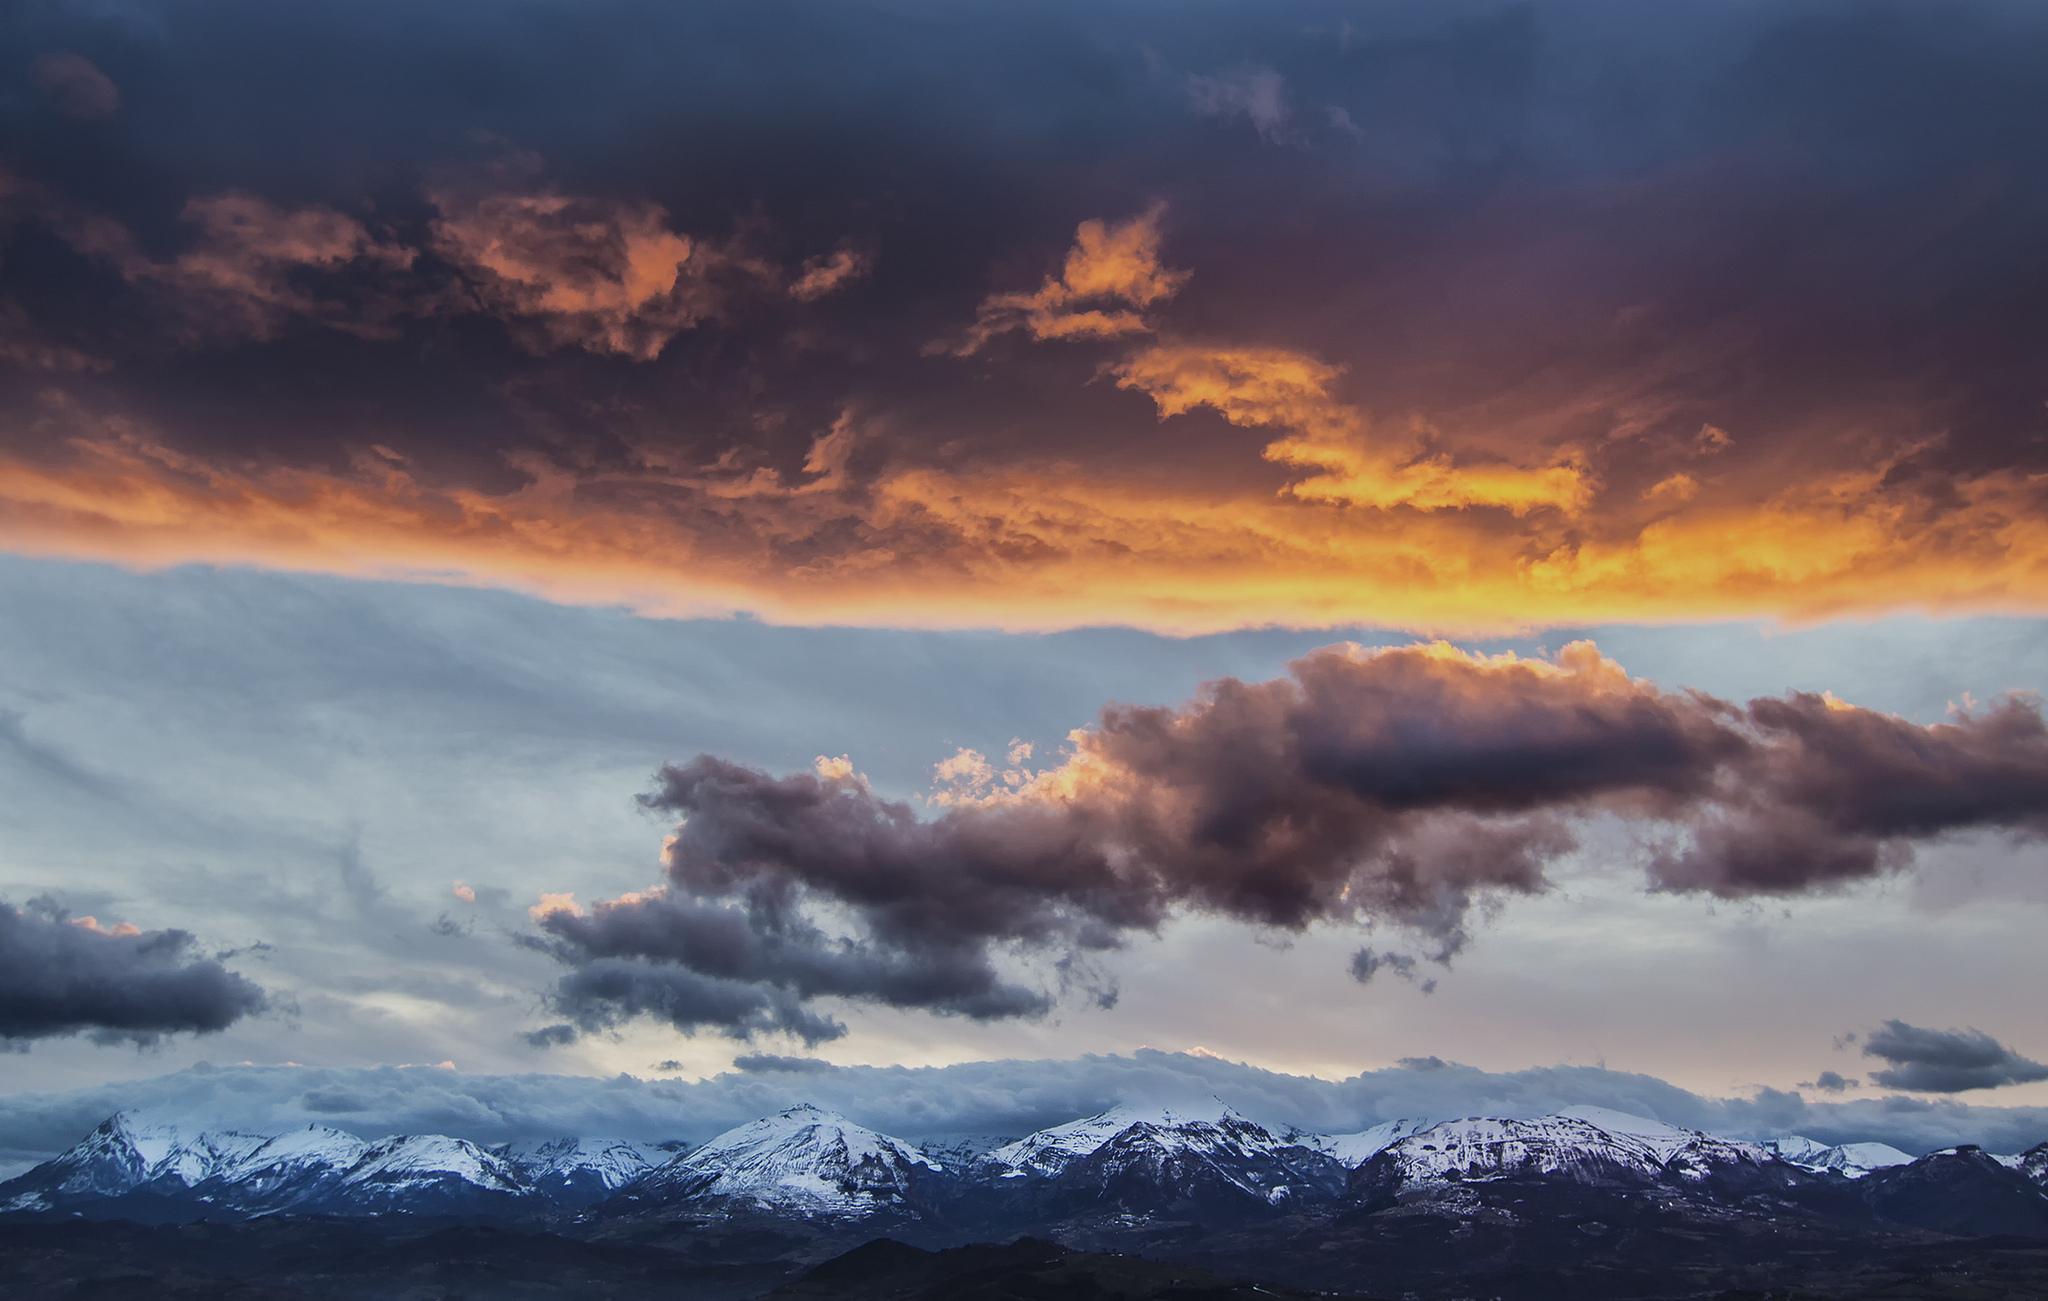 природа горы облака  № 2602285 загрузить